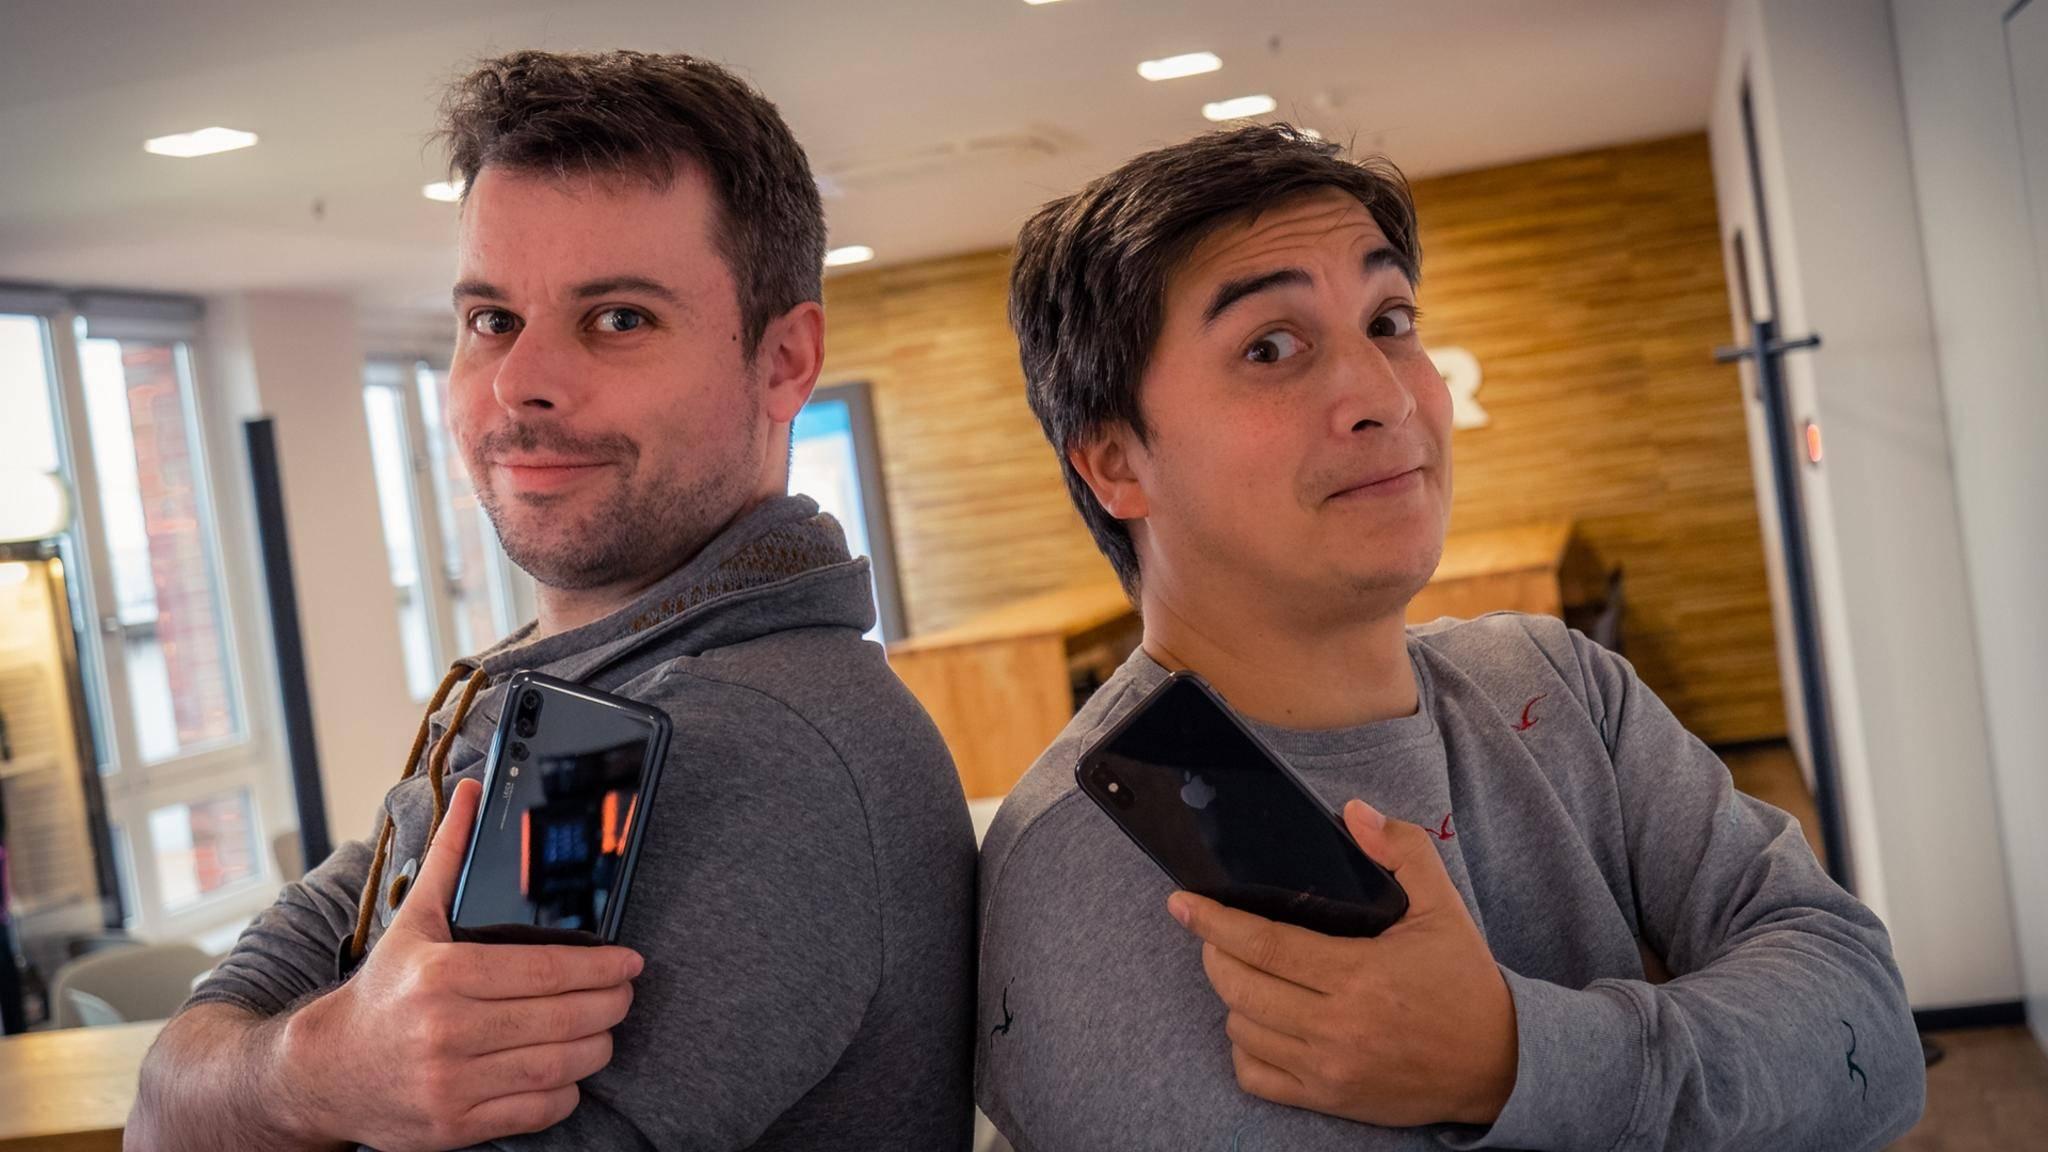 Patrick und Meru nutzen Mobile Payment bereits fleißig im Alltag.